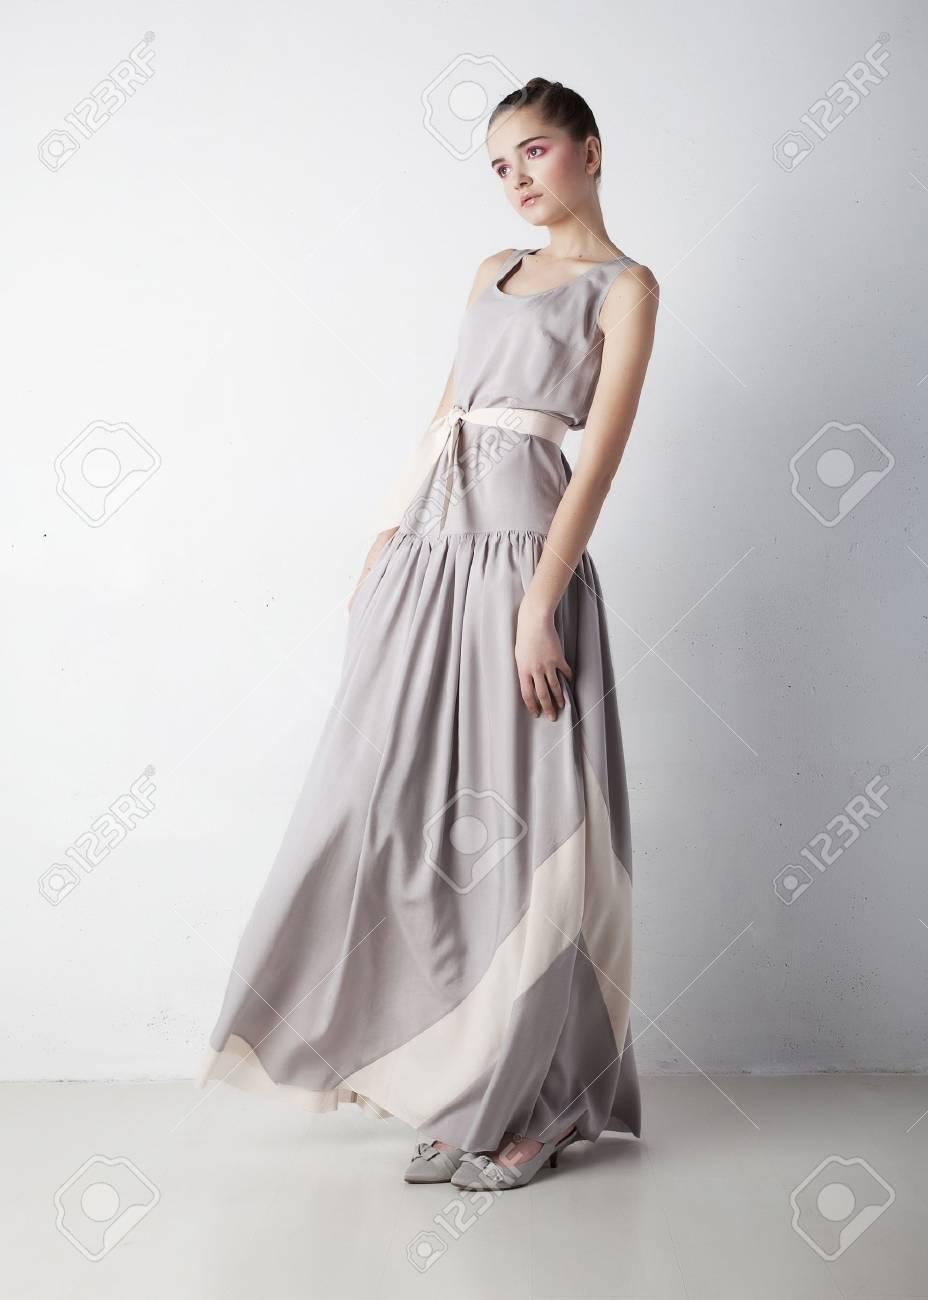 979c969af Foto de archivo - La belleza romántica mujer joven con un vestido blanco de  la moda